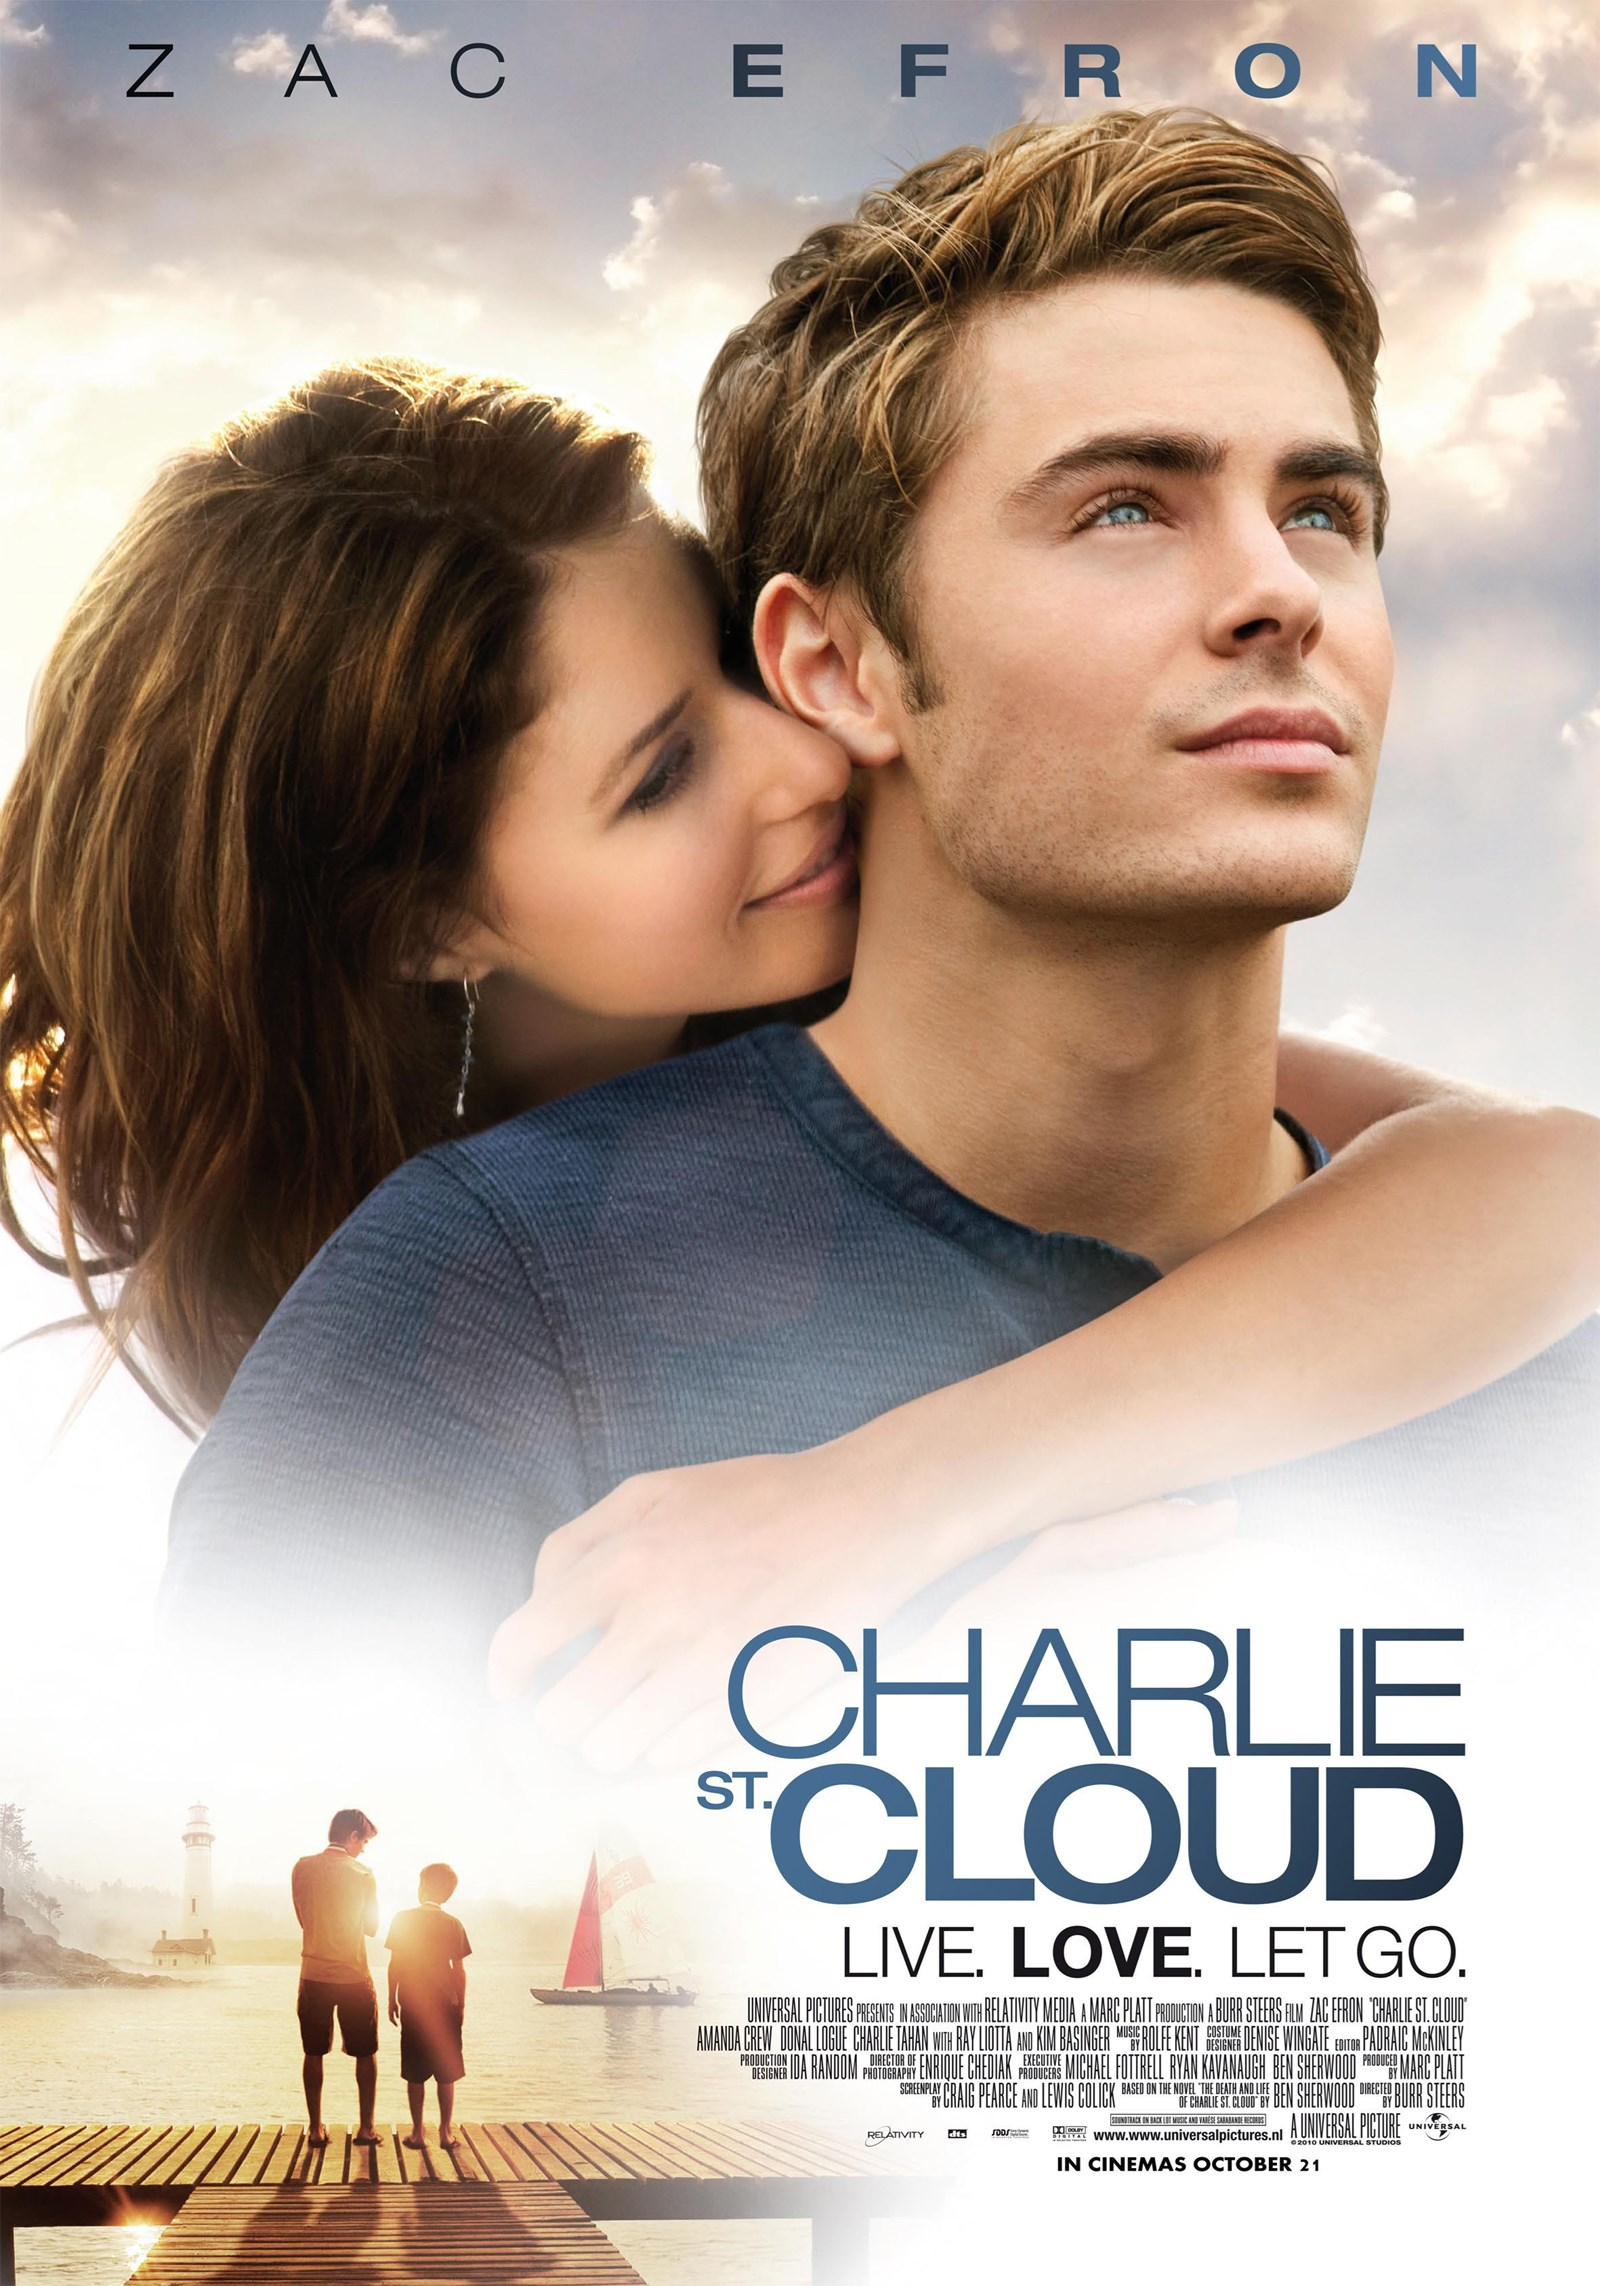 Charlie St. Cloud (2010)